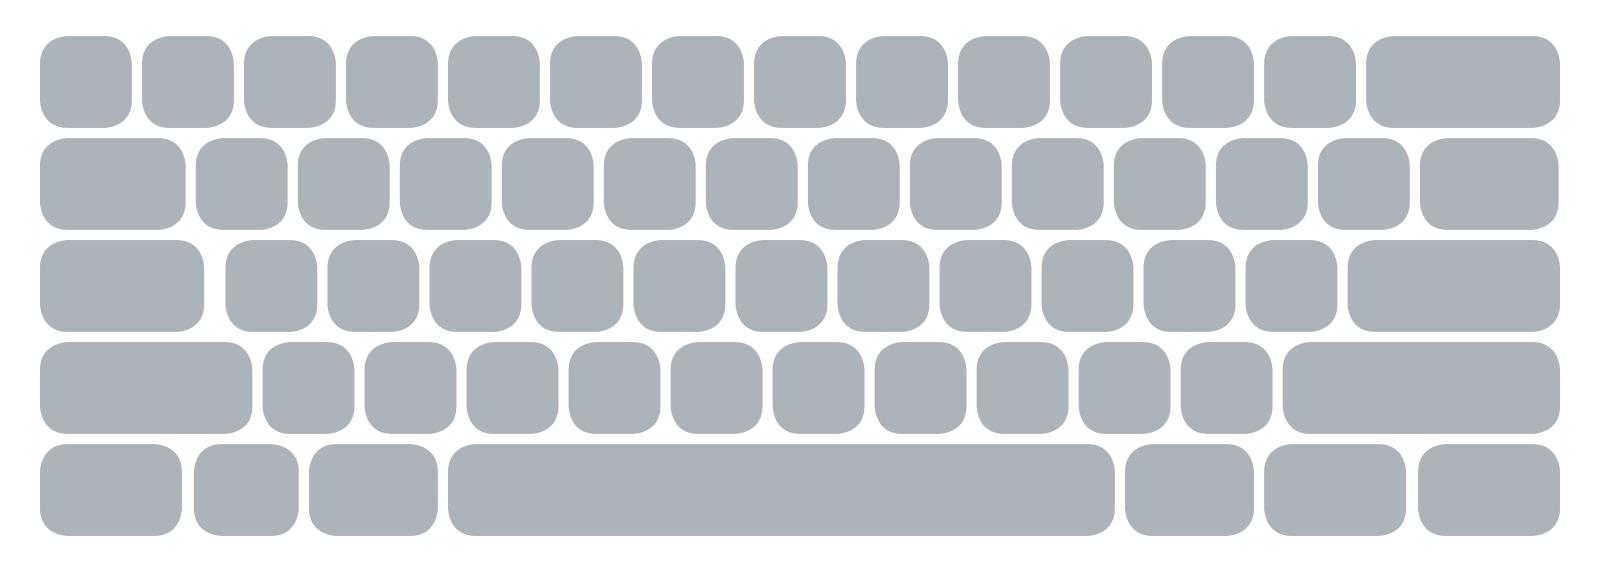 An ANSI keyboard.